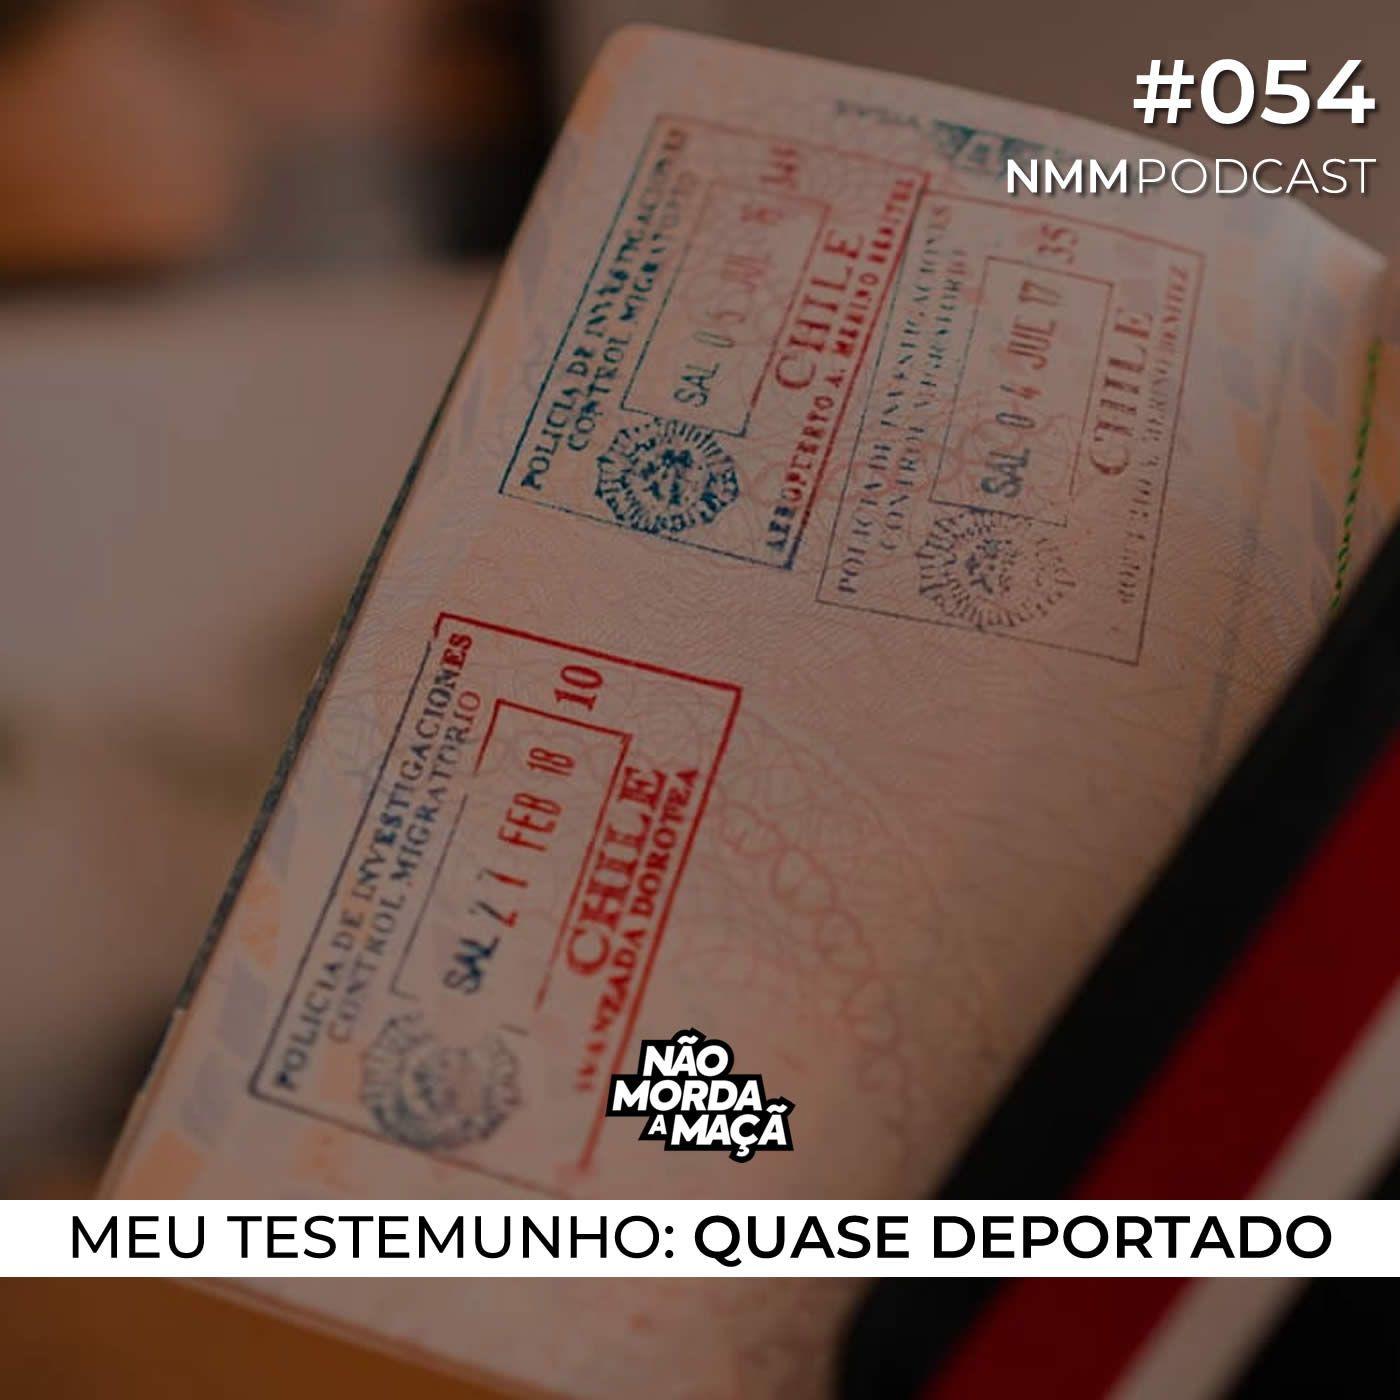 #54 - Meu testemunho: Quase deportado